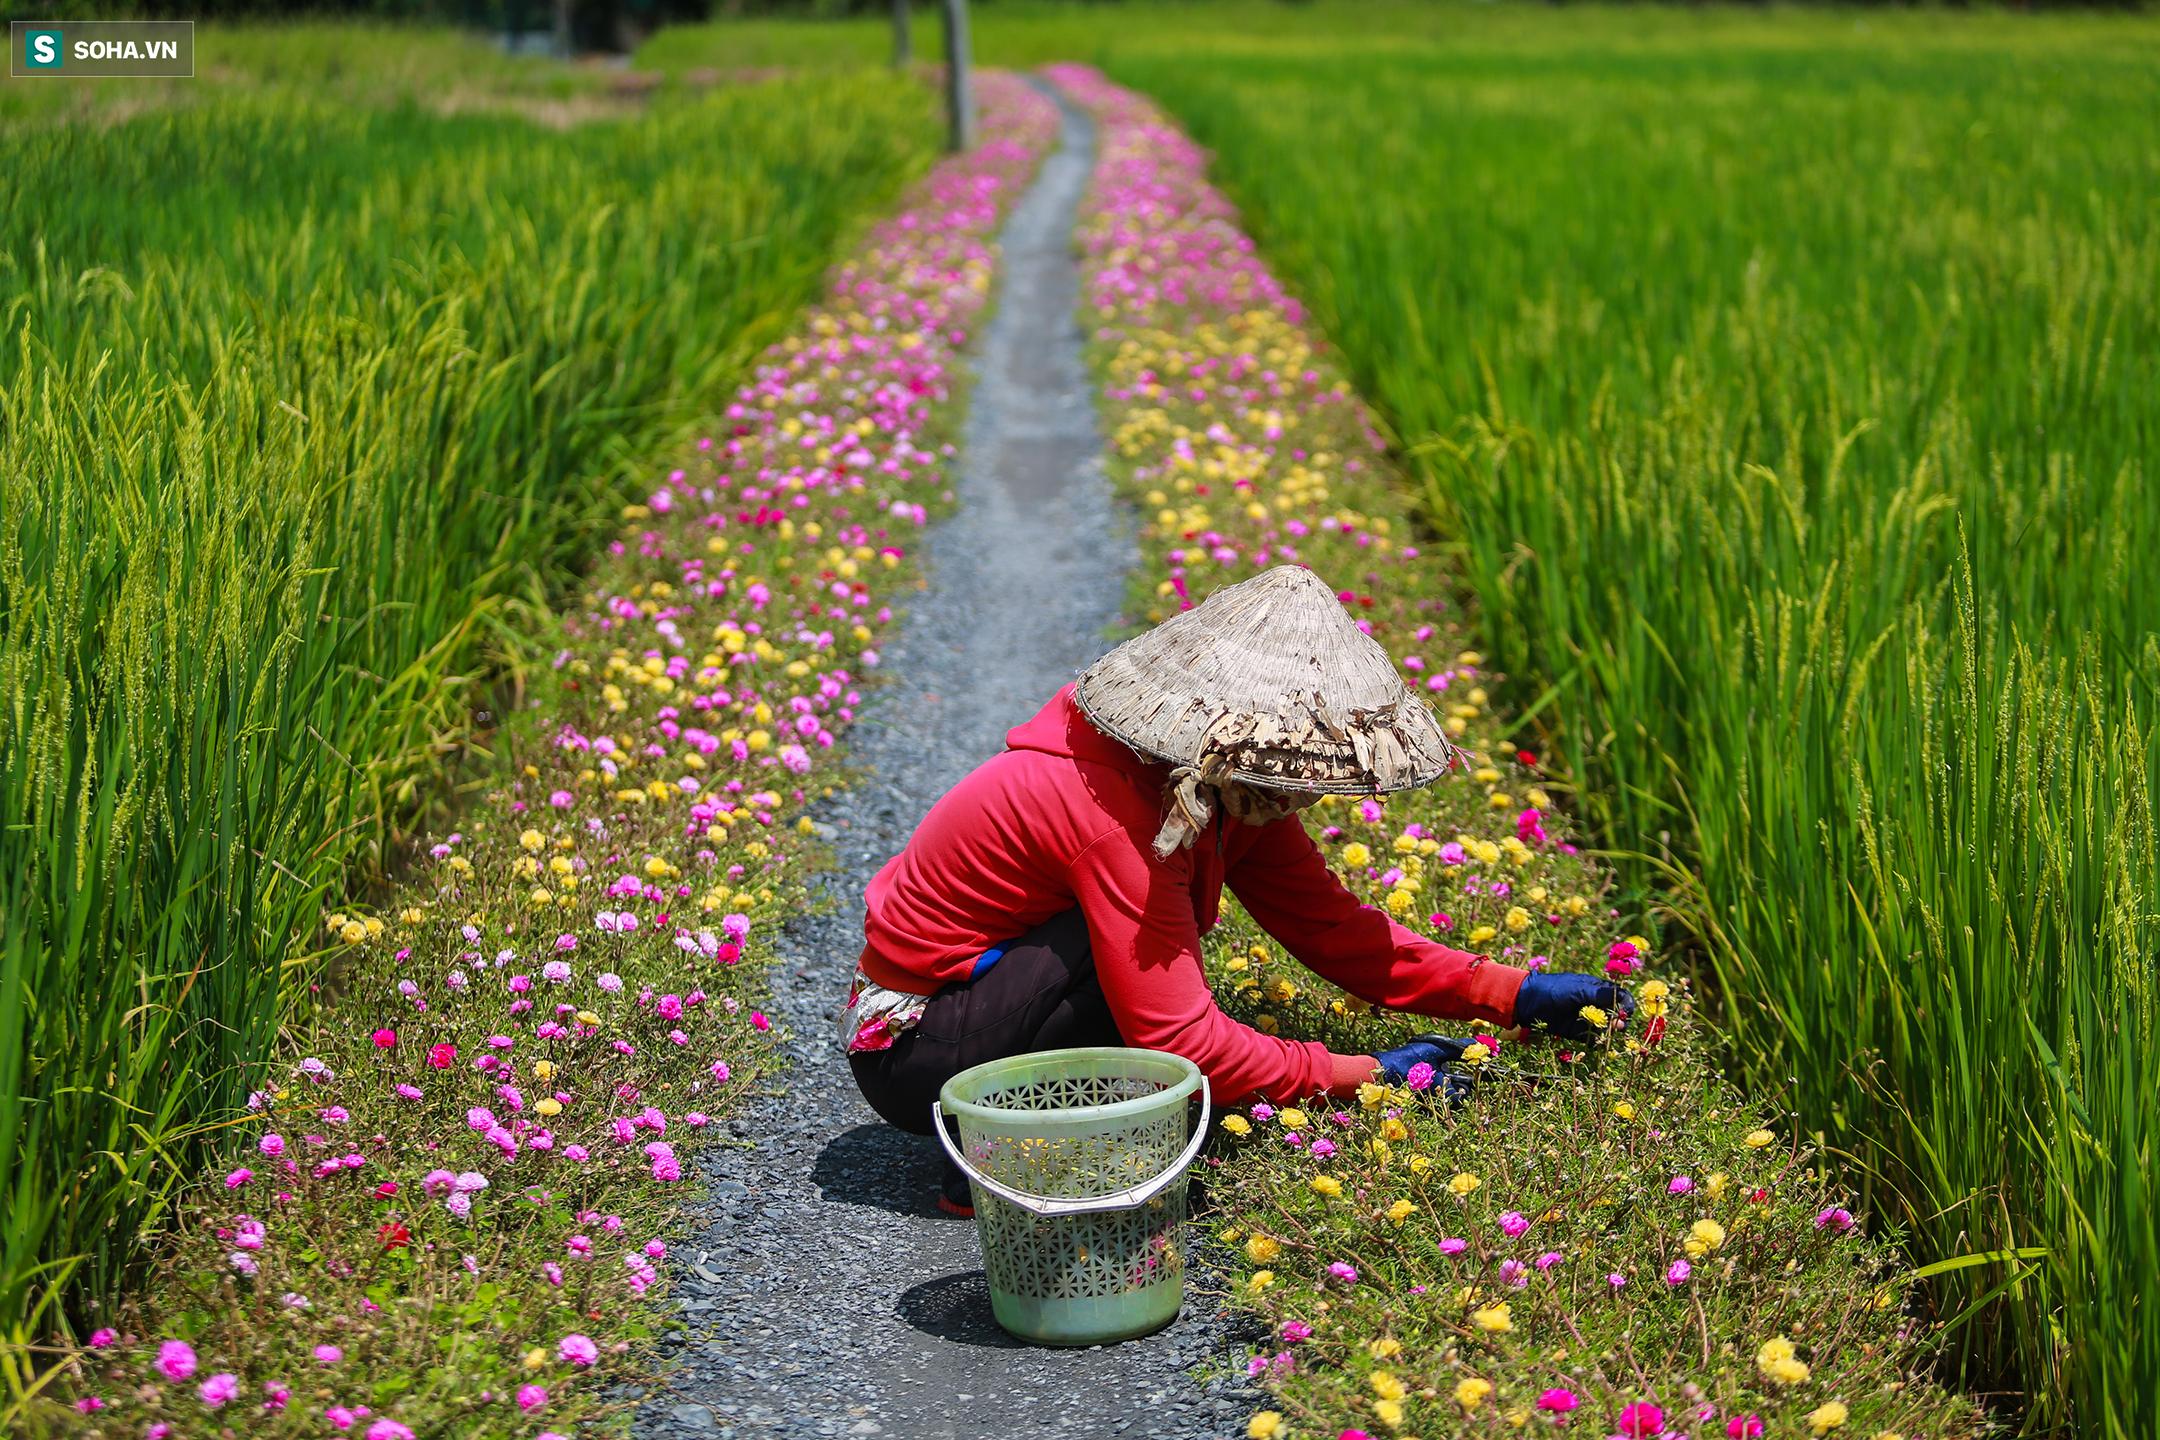 [Ảnh] Con đường hoa mười giờ len lỏi giữa đồng lúa xanh đẹp như tranh ở Sài Gòn - Ảnh 1.